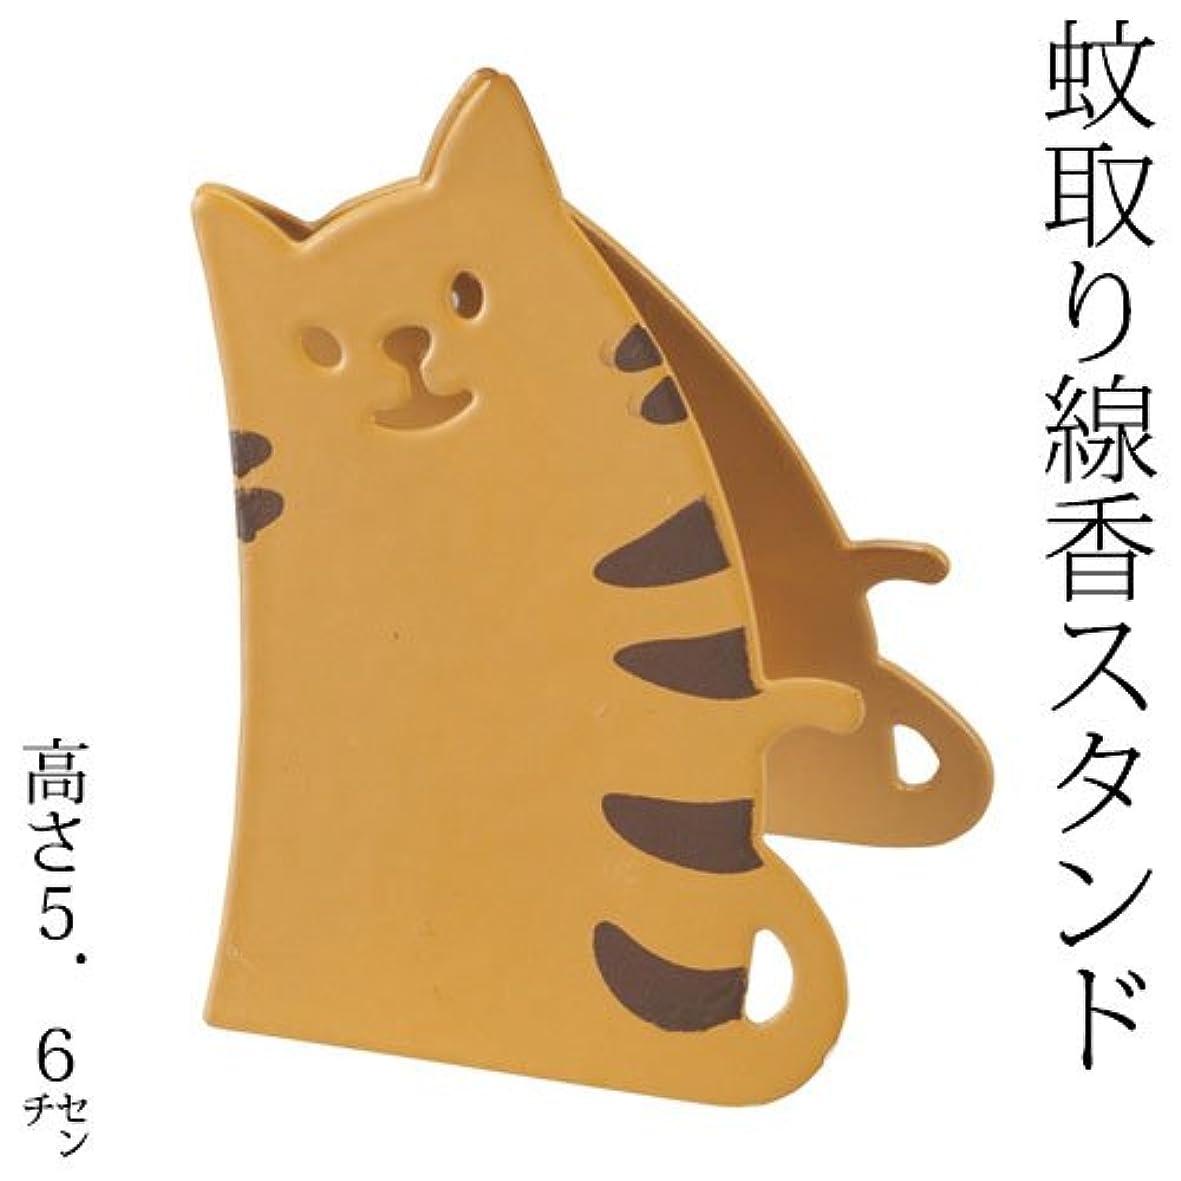 国民投票動作コショウDECOLE蚊取り線香クリップスタンドトラ猫 (SK-13936)Mosquito coil clip stand